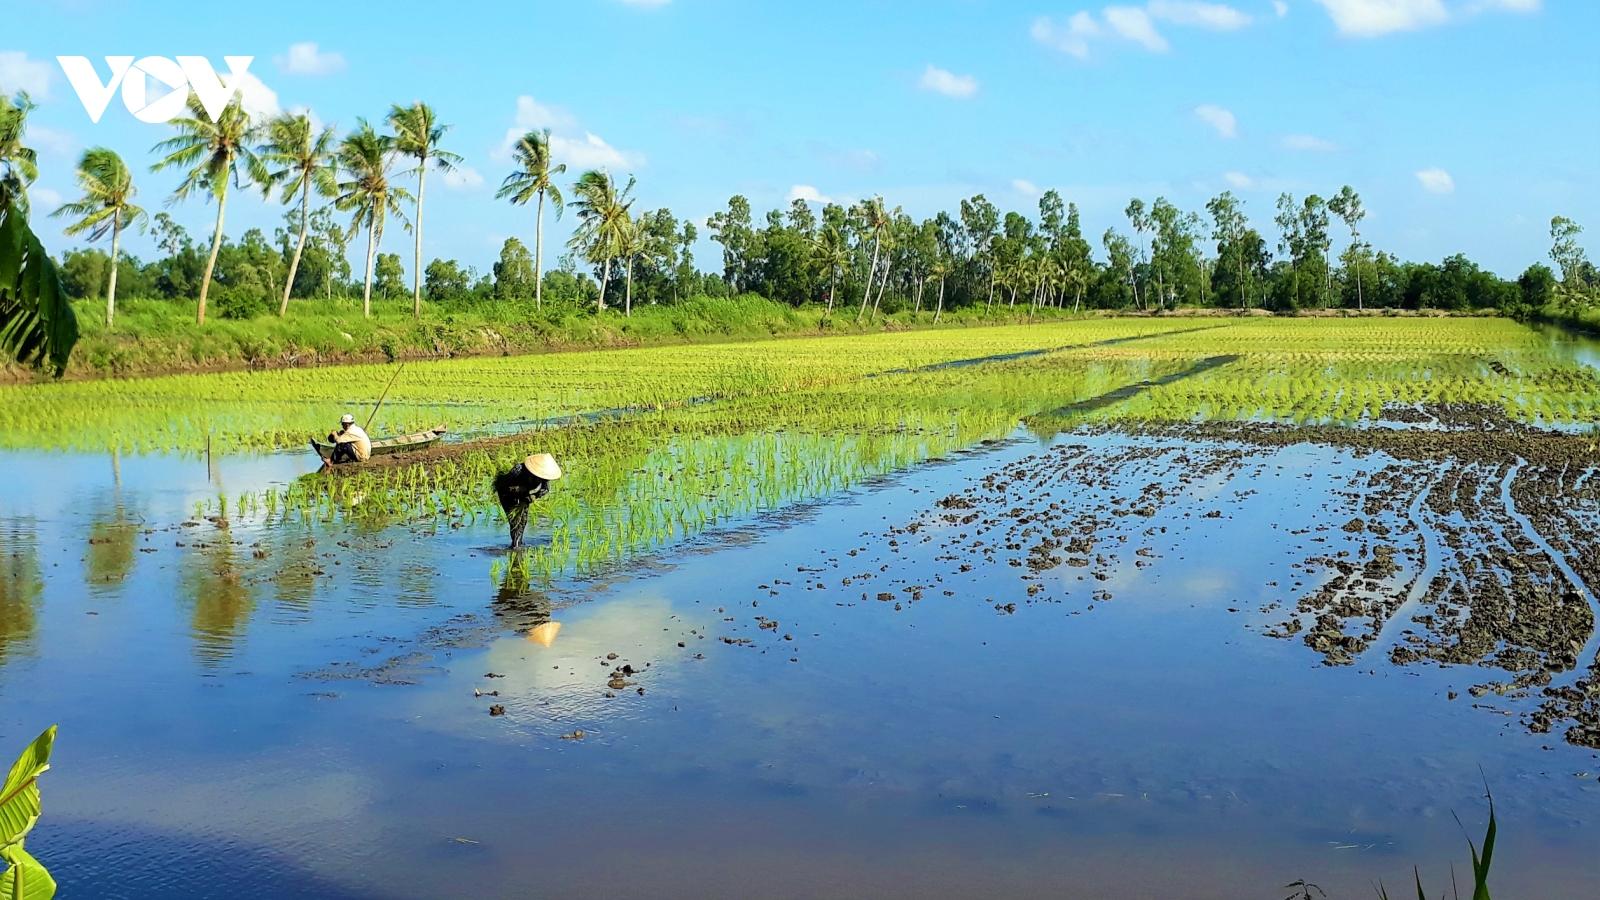 Trồng lúa sạch trên đất nuôi tôm giúp mang lại hiệu quả kinh tế cao